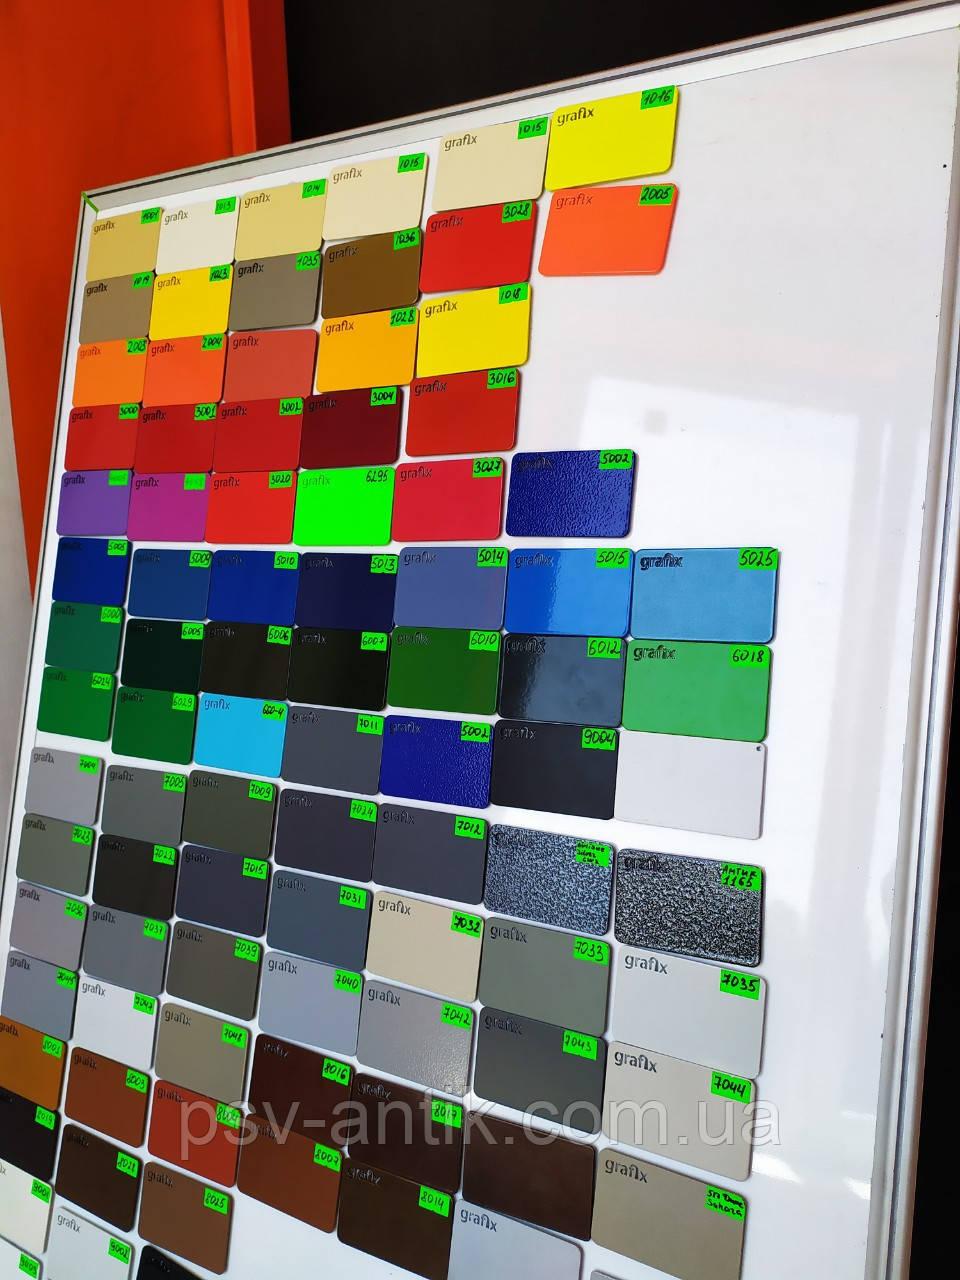 Порошковая краска матовая, полиэфирная, архитектурная, 5024